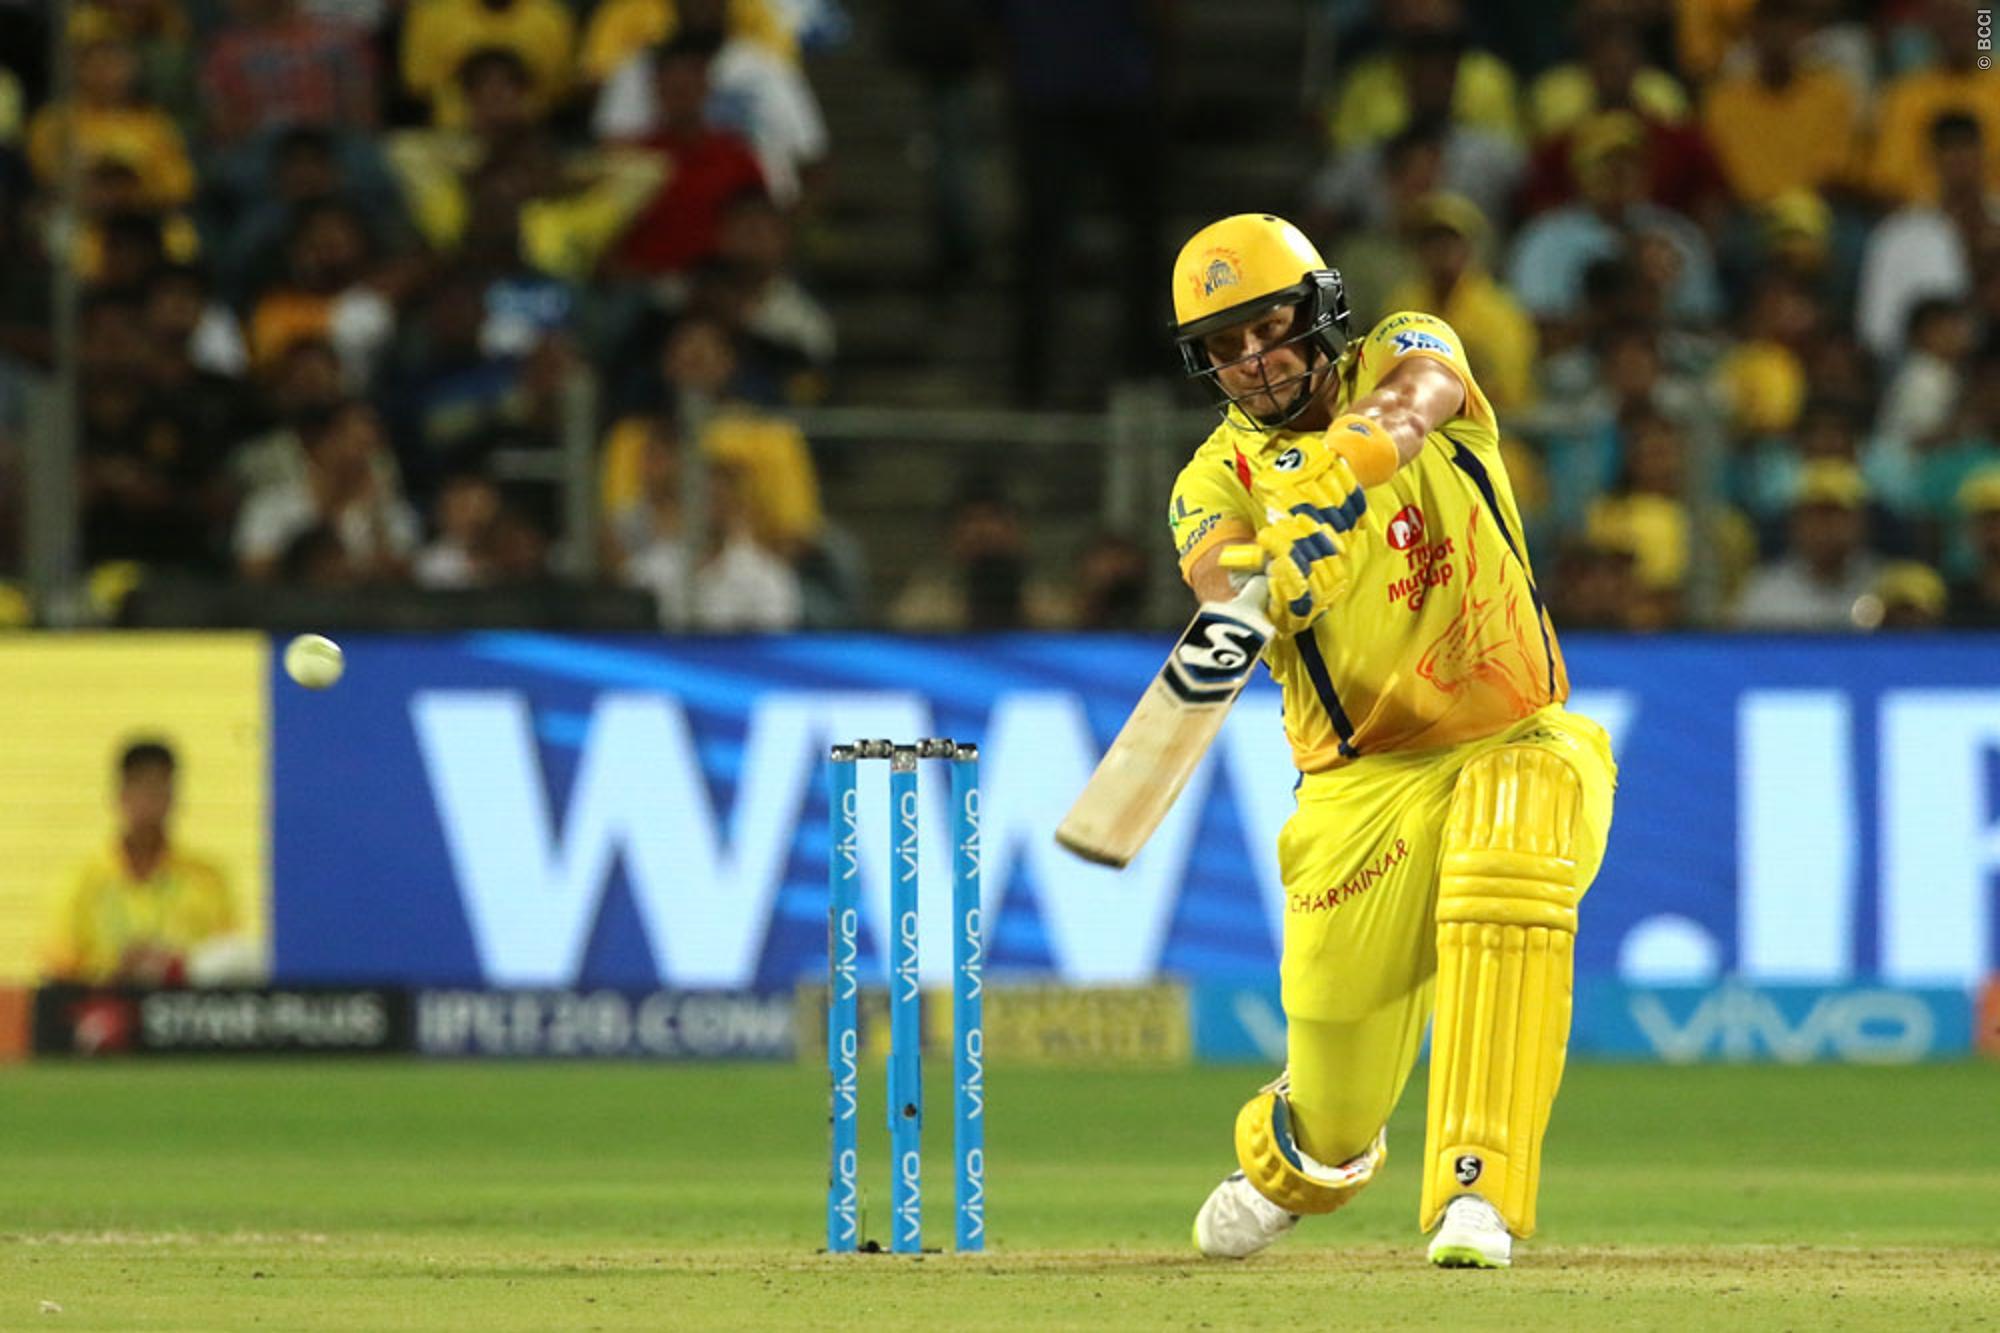 IPL खत्म लेकिन इन 5 पारियों ने जीत लिया करोड़ों क्रिकेट प्रशंसकों का दिल 16